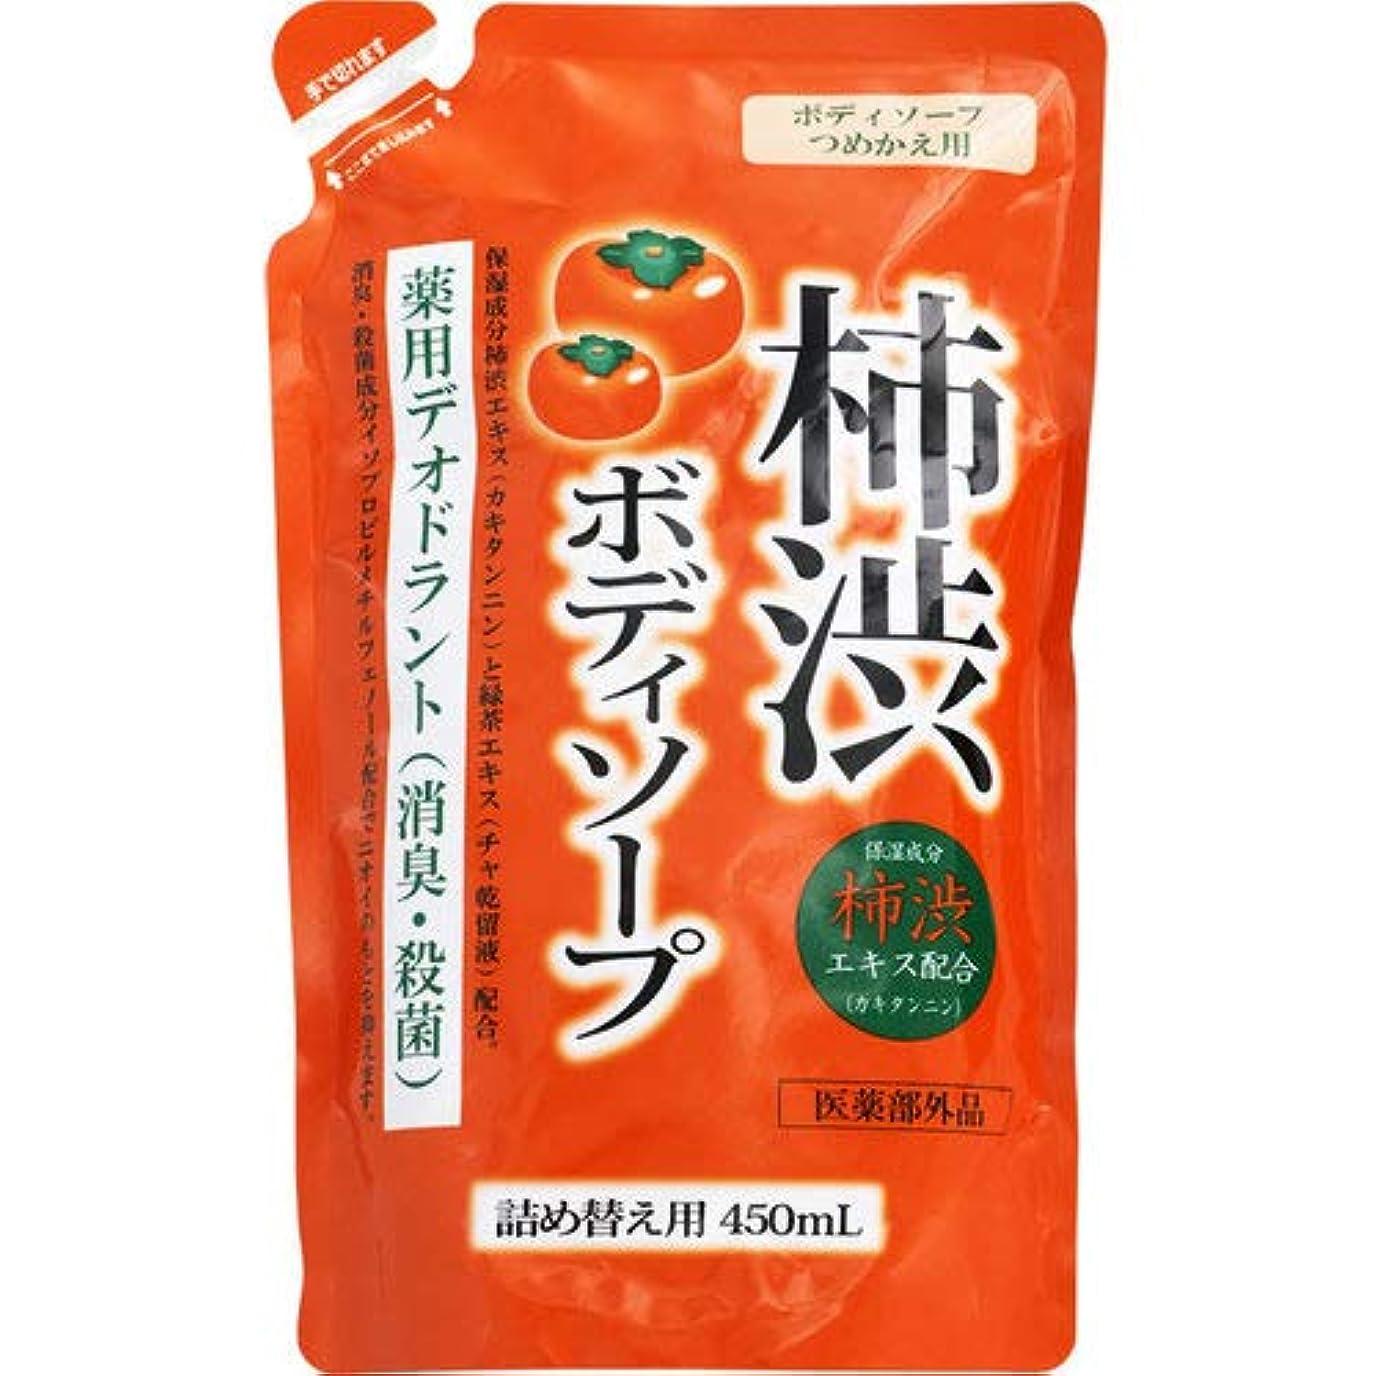 薬用 柿渋ボディソープ 詰替え 450ml[医薬部外品]